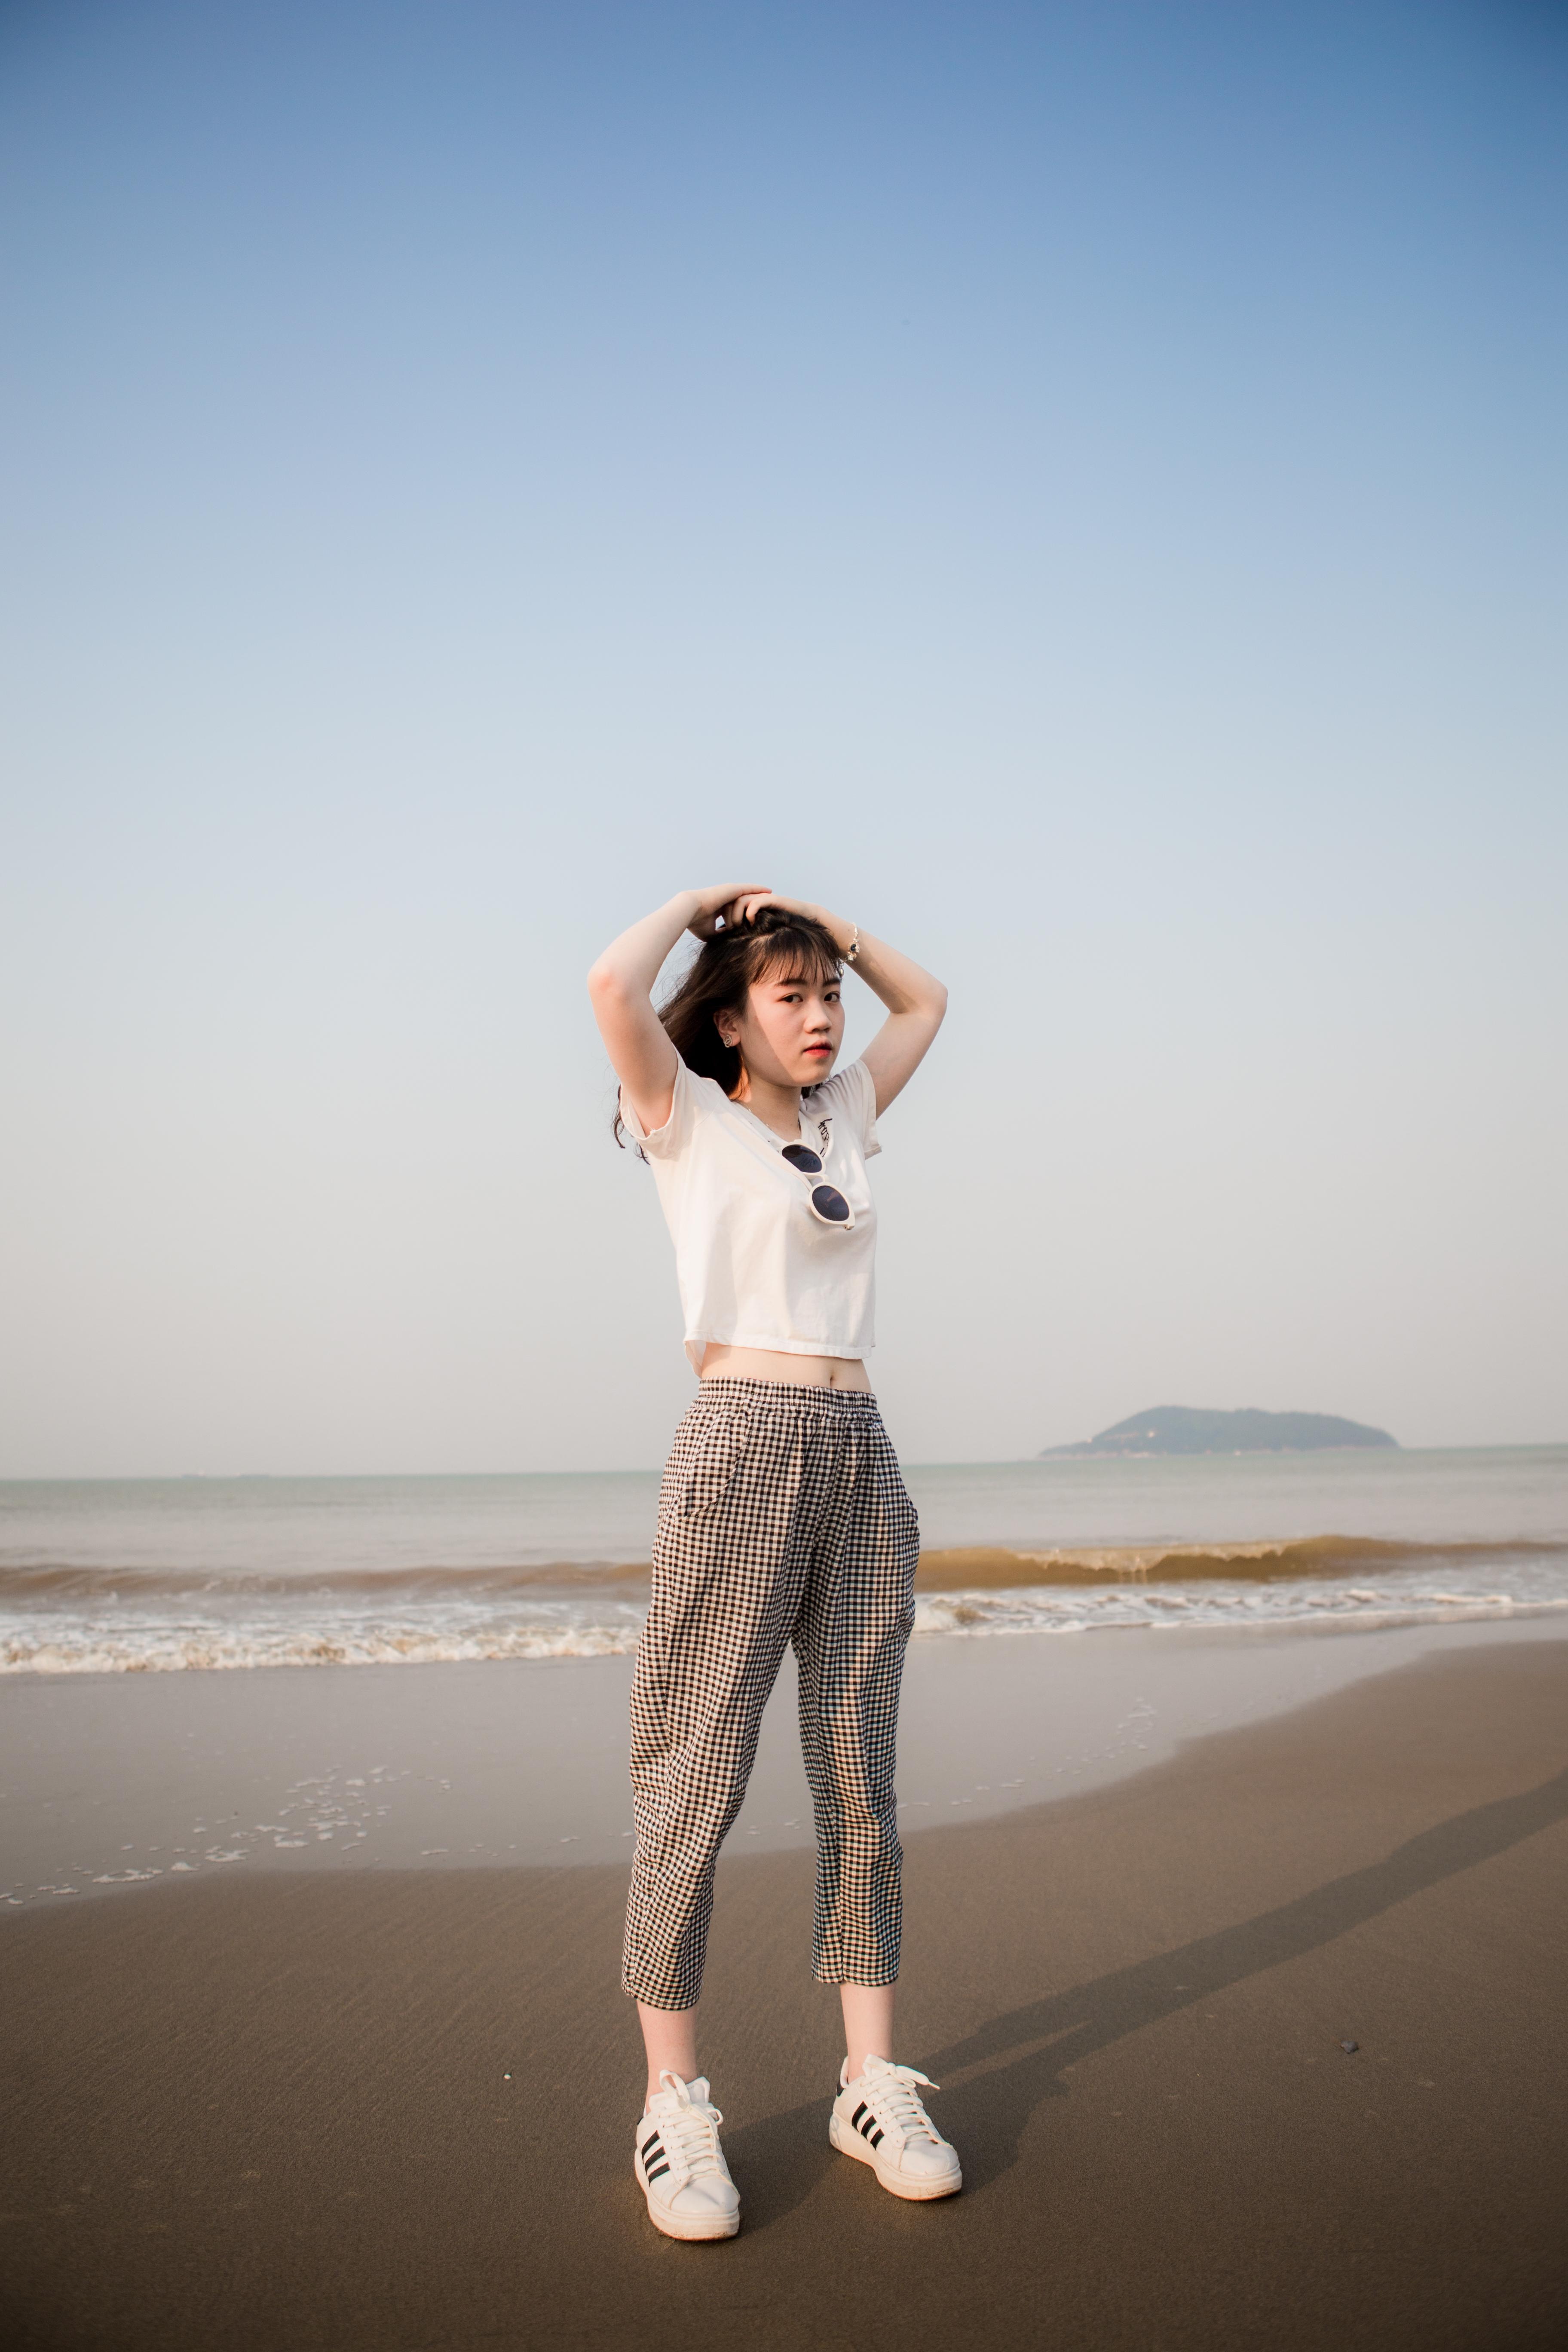 https://images.pexels.com/photos/2226892/pexels-photo-2226892.jpeg